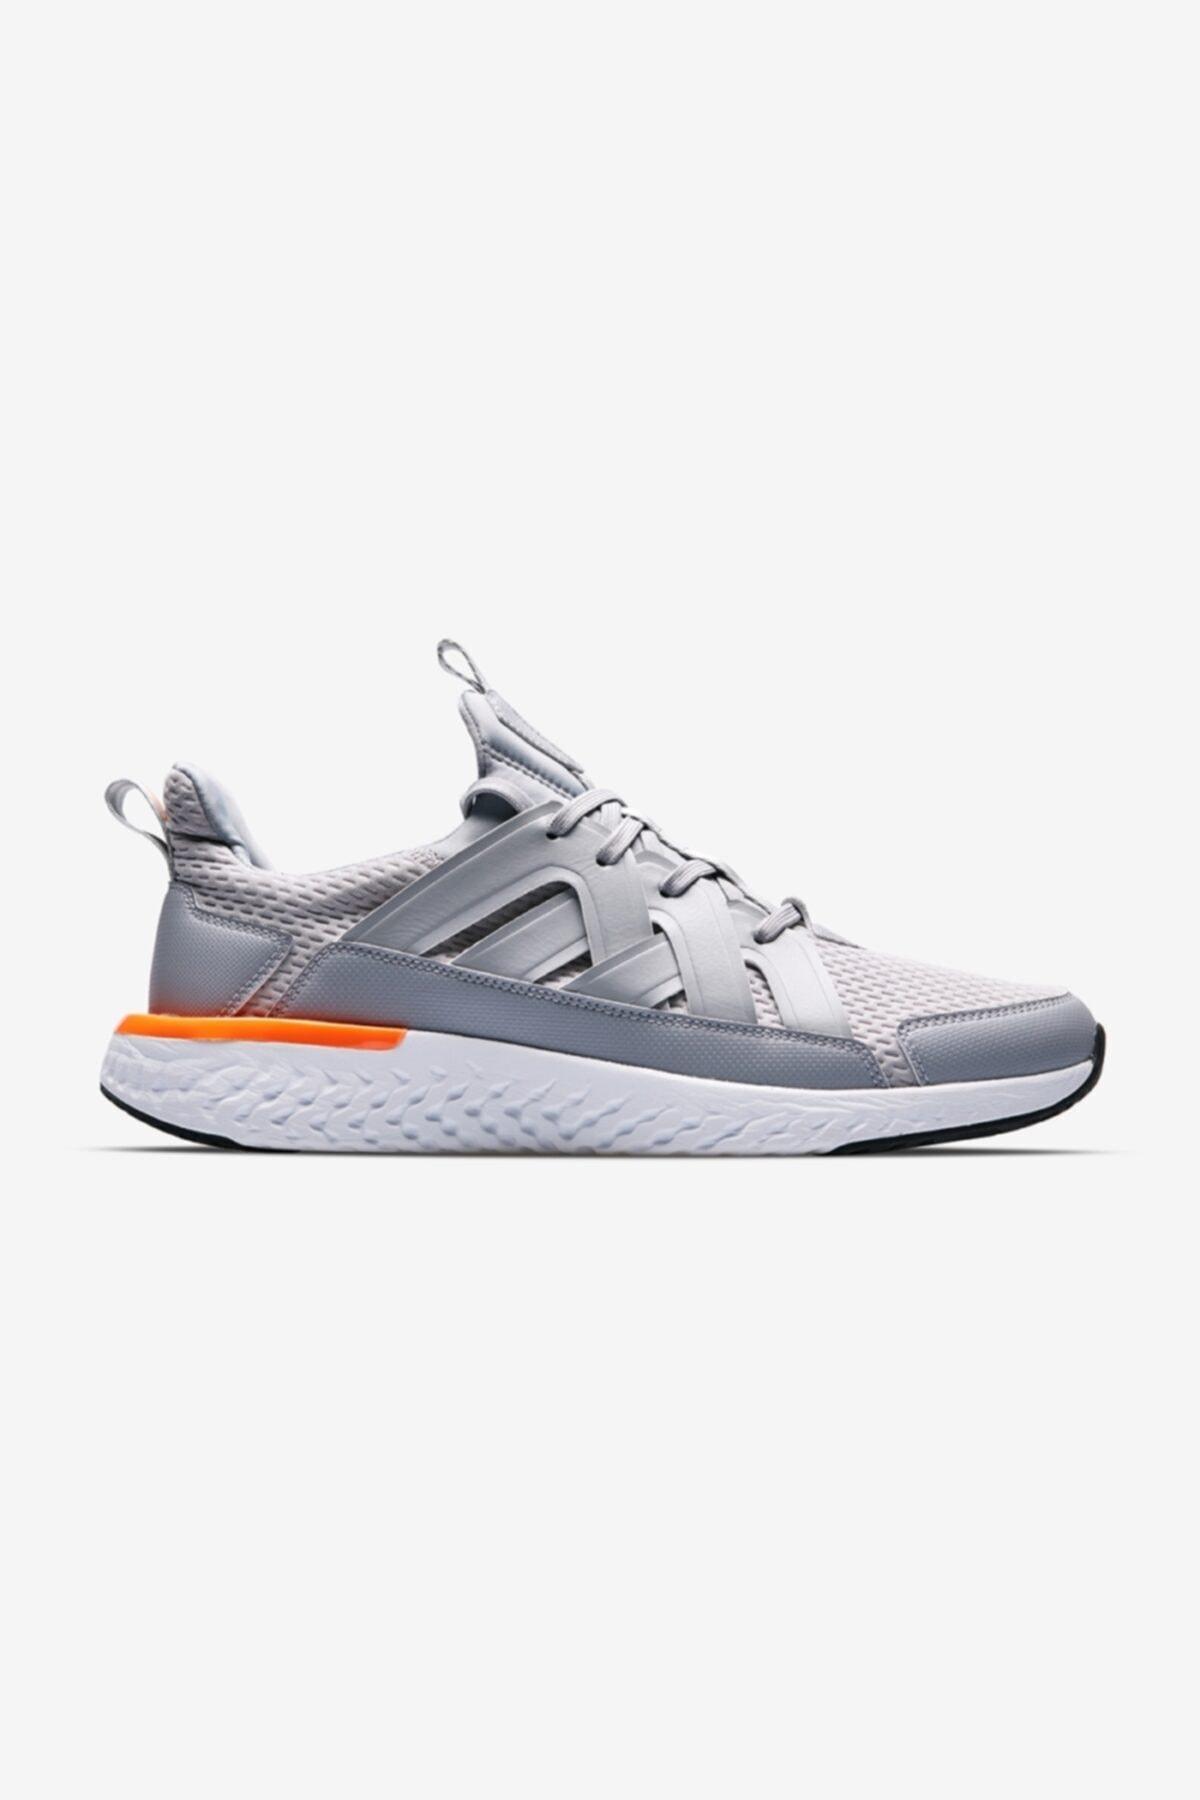 Lescon Hellıum Spıke Koşu-yürüyüş Erkek Spor Ayakkabısı - - Hellıum Spıke - Gri - 44 1